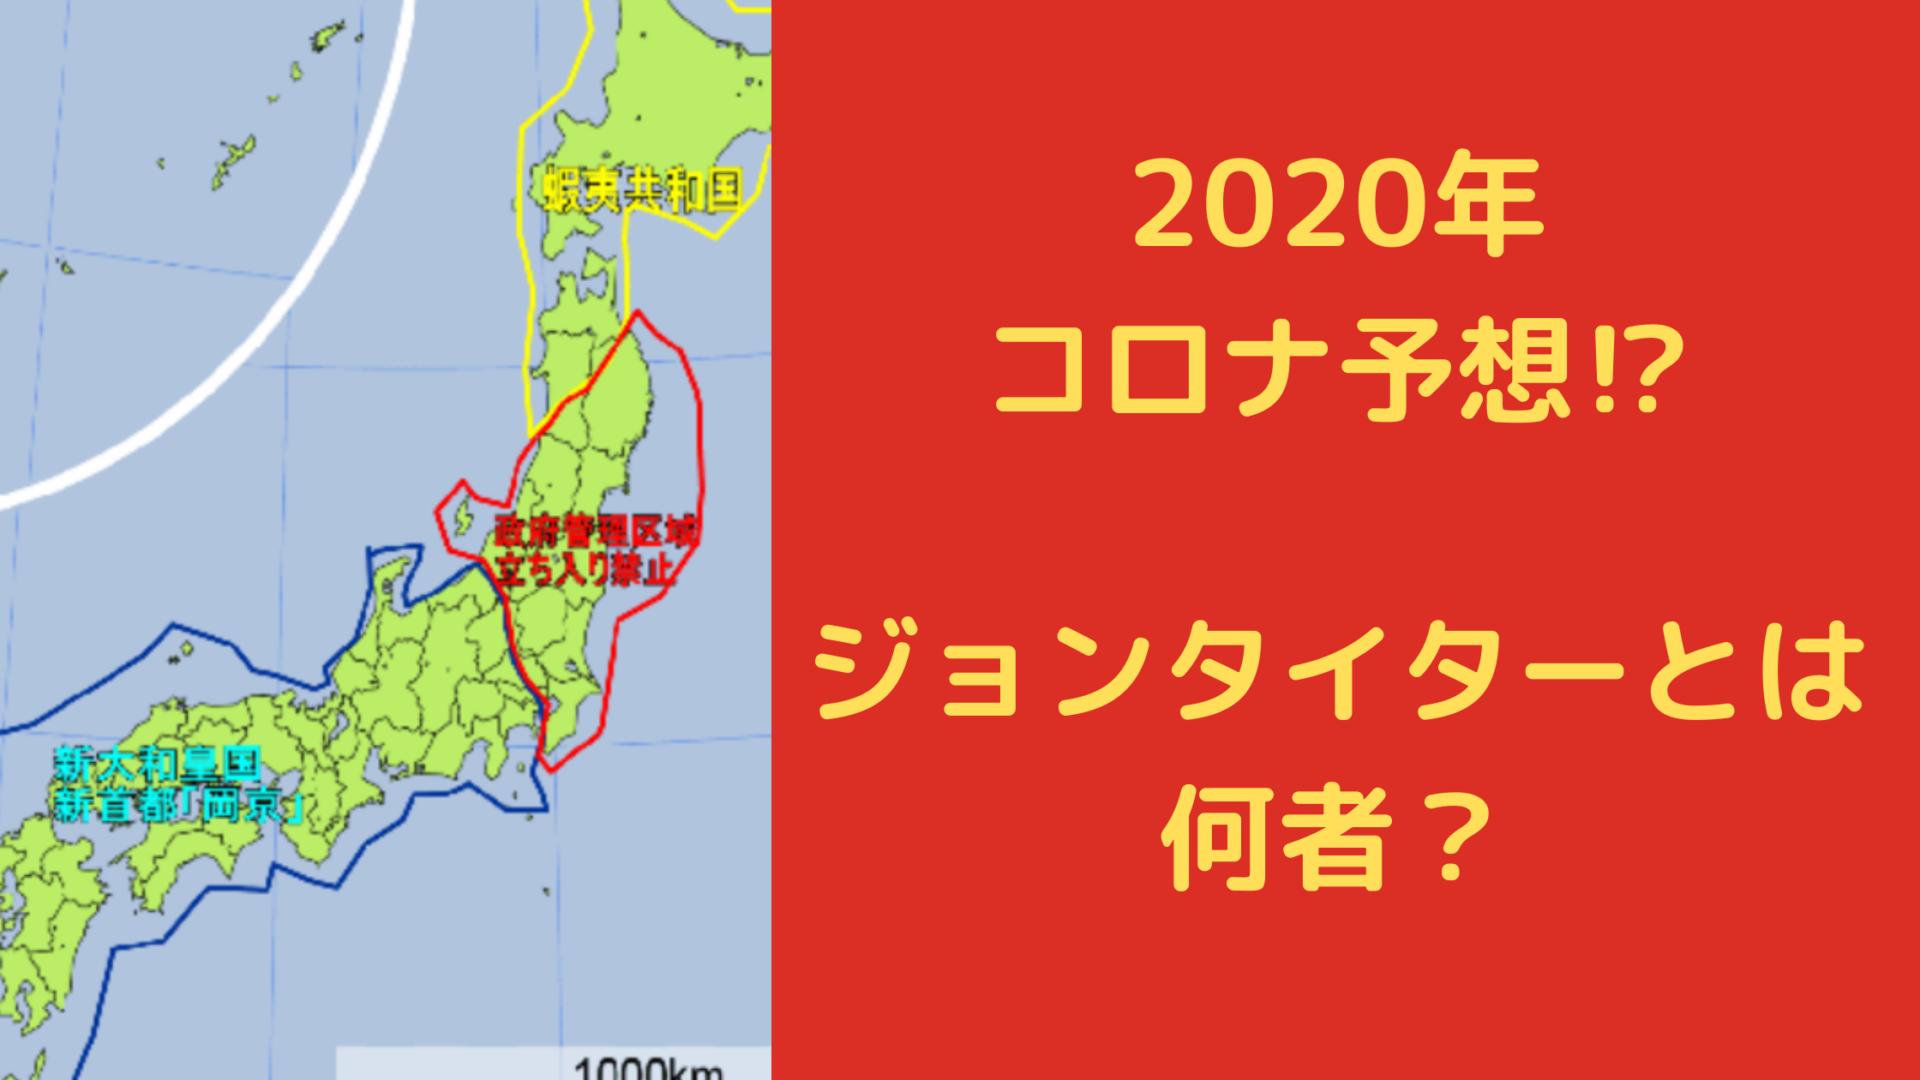 2020 予言